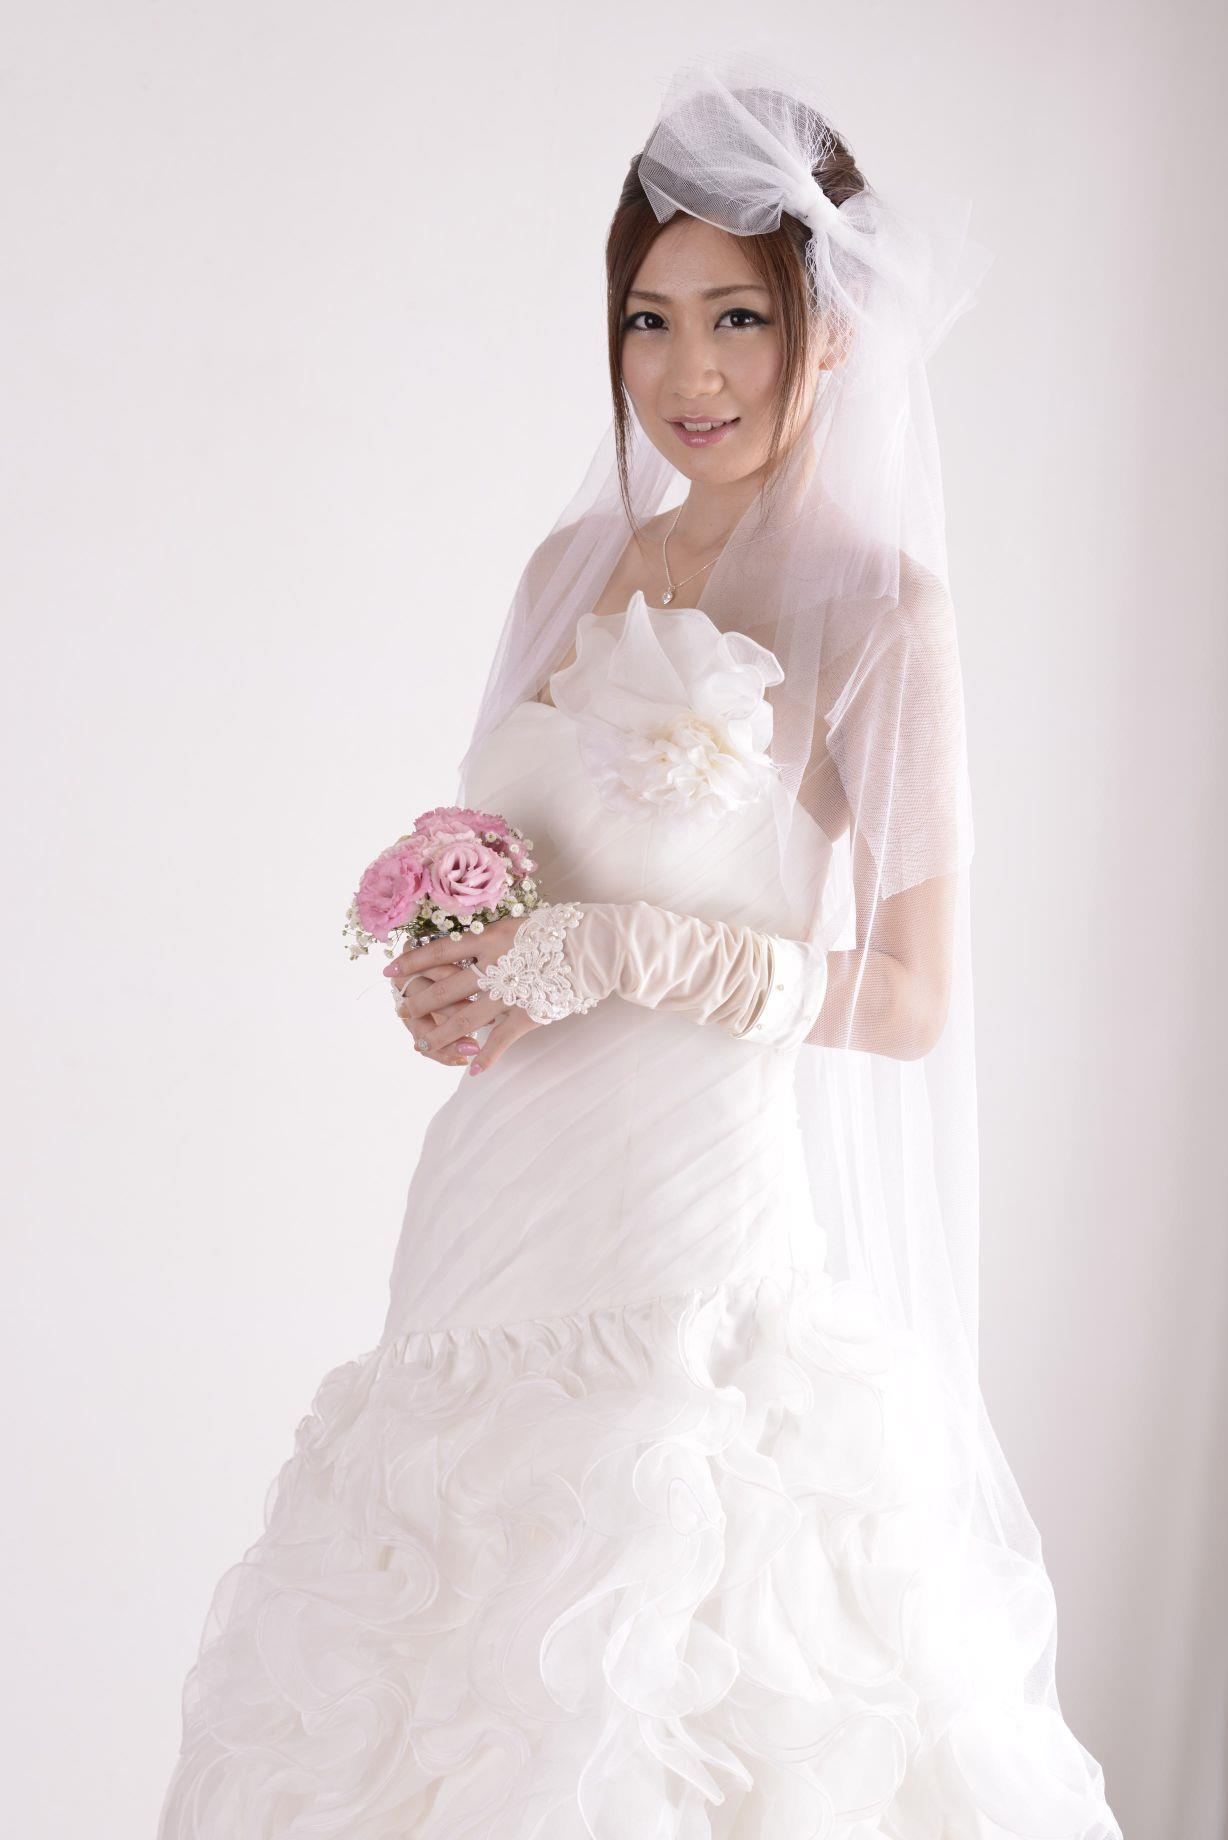 前田かおり ウェディングドレス画像 22